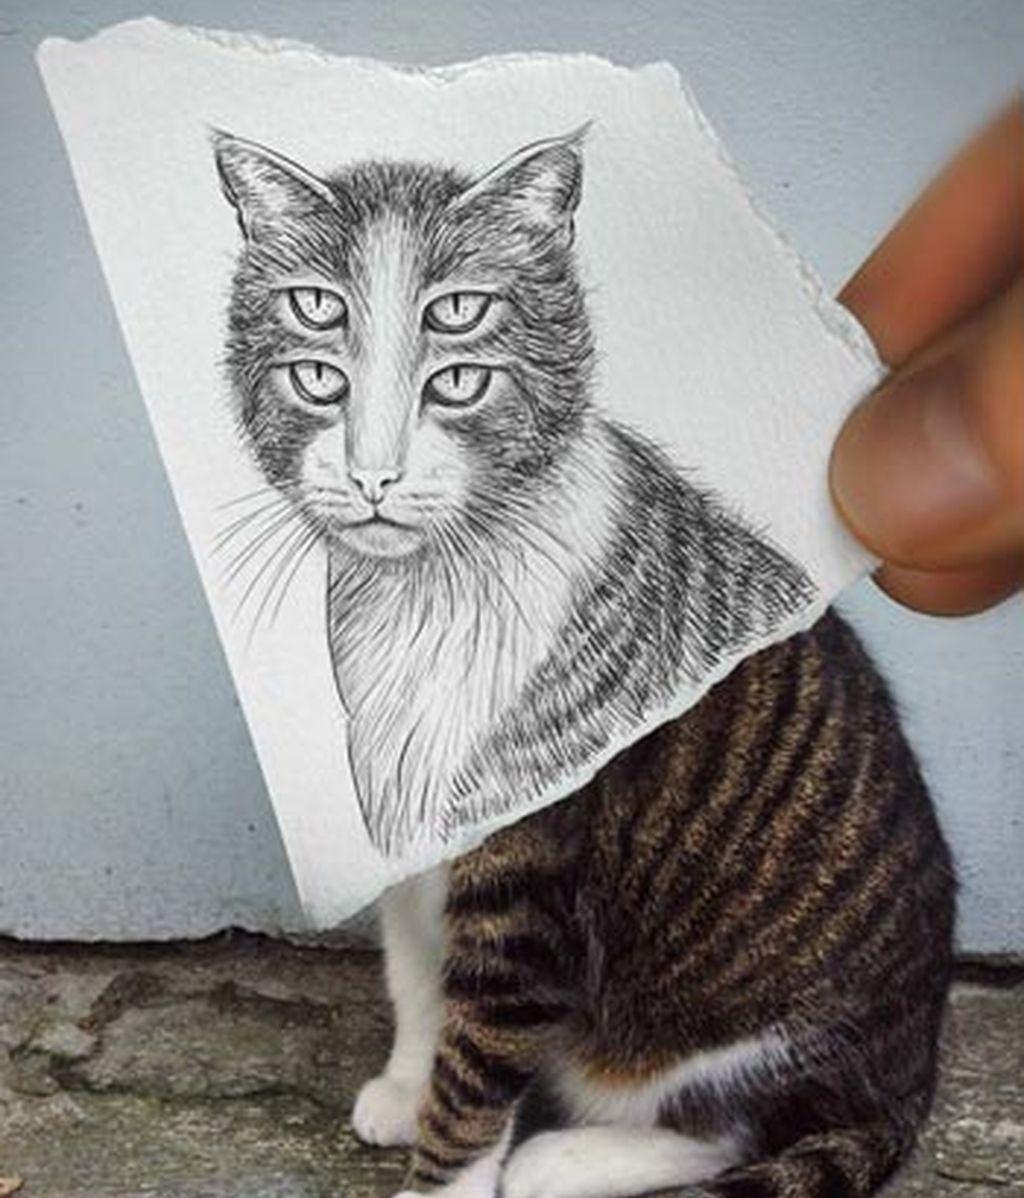 Arte, entre el dibujo y la fotografía